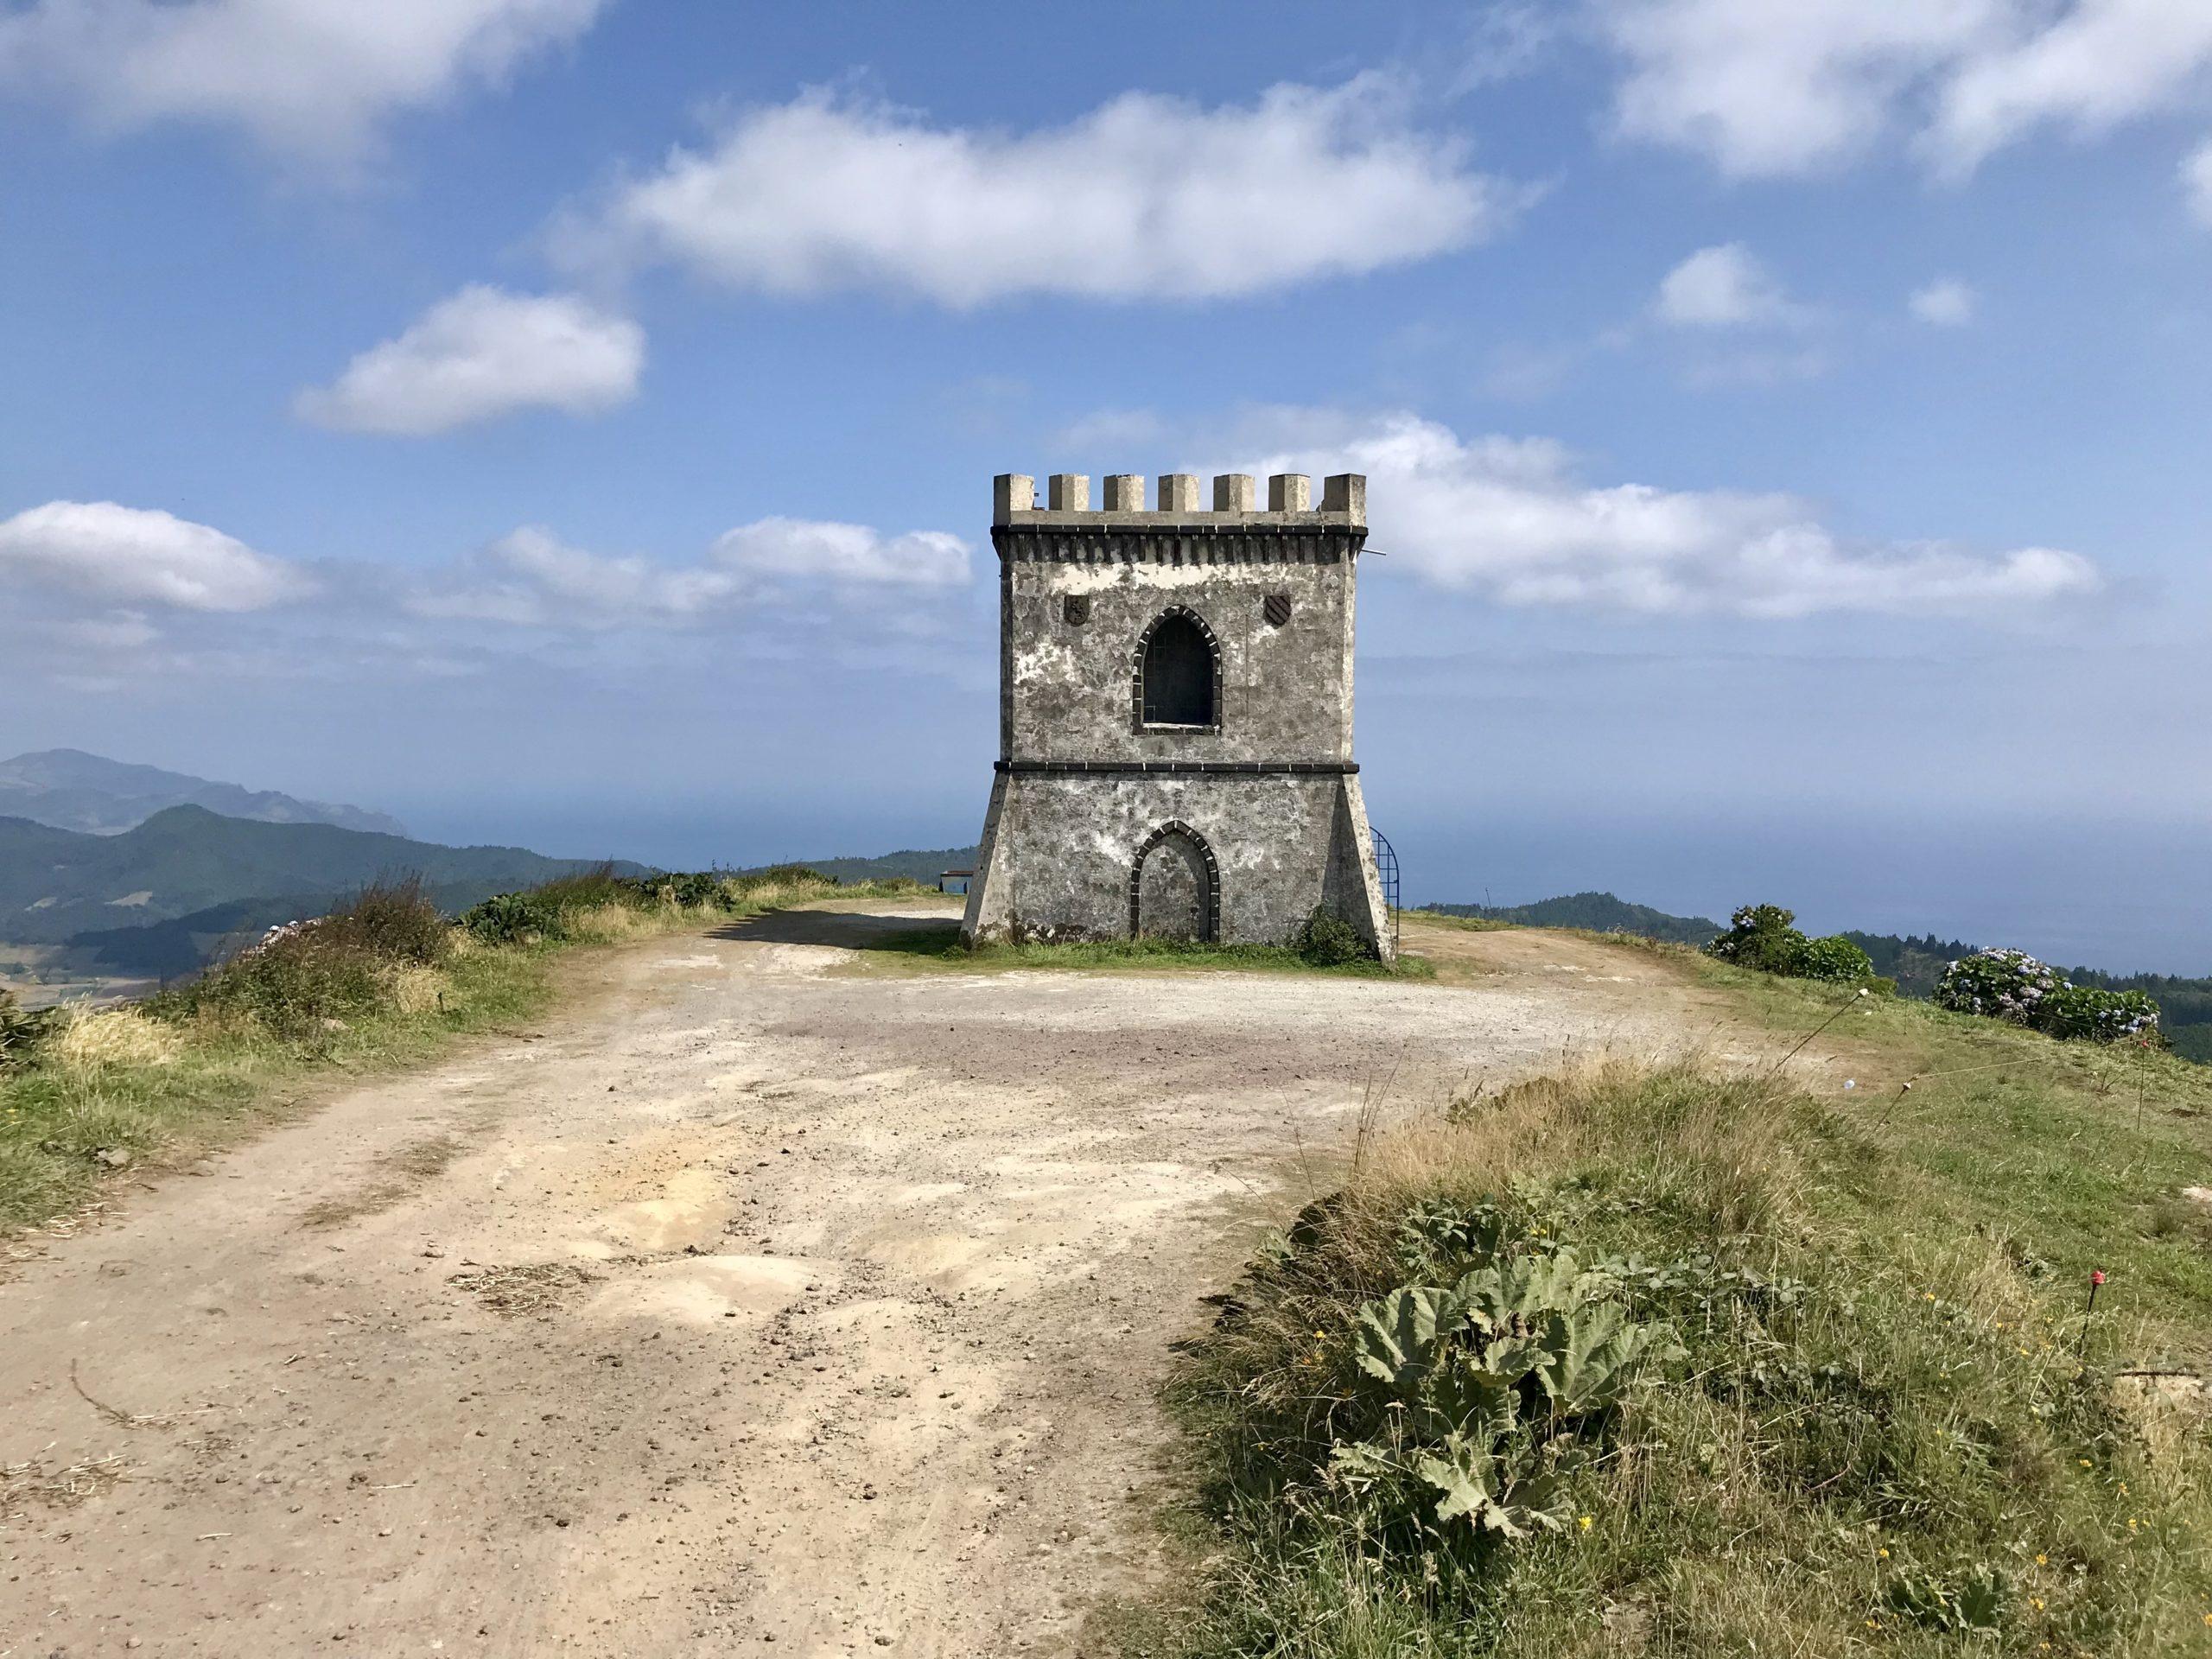 Castelo Branco scaled - São Miguel-Azores Islands-Portugal